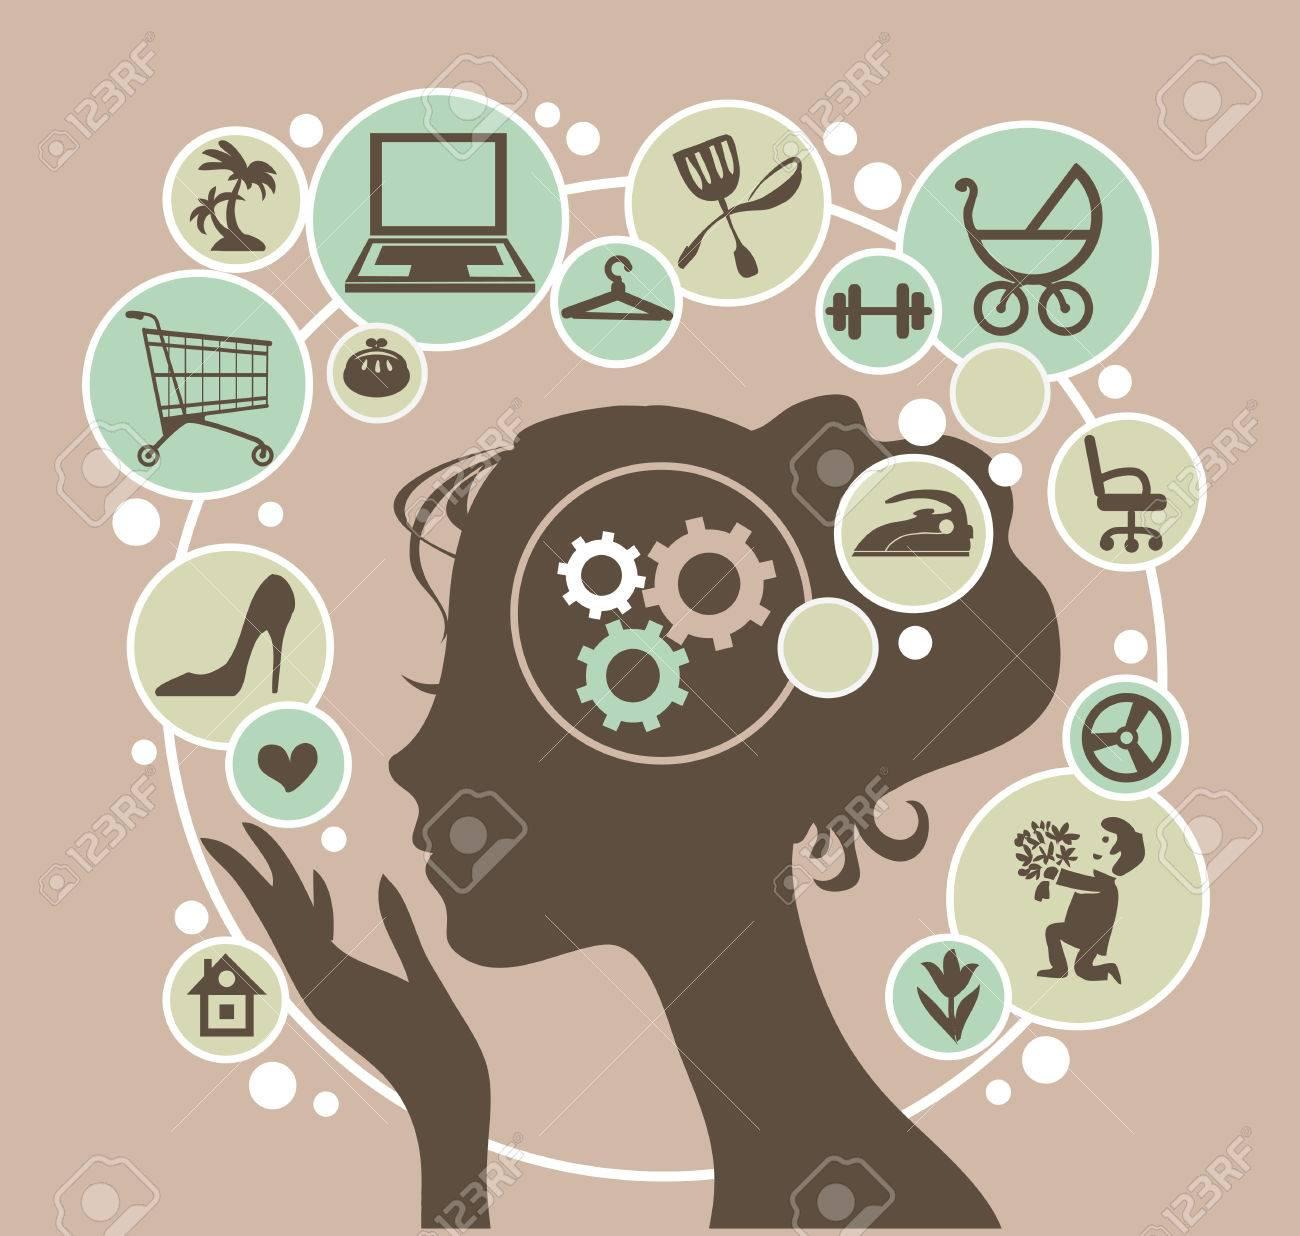 Kopf einer jungen modernen Frau und ihre Gedanken. Standard-Bild - 57674970